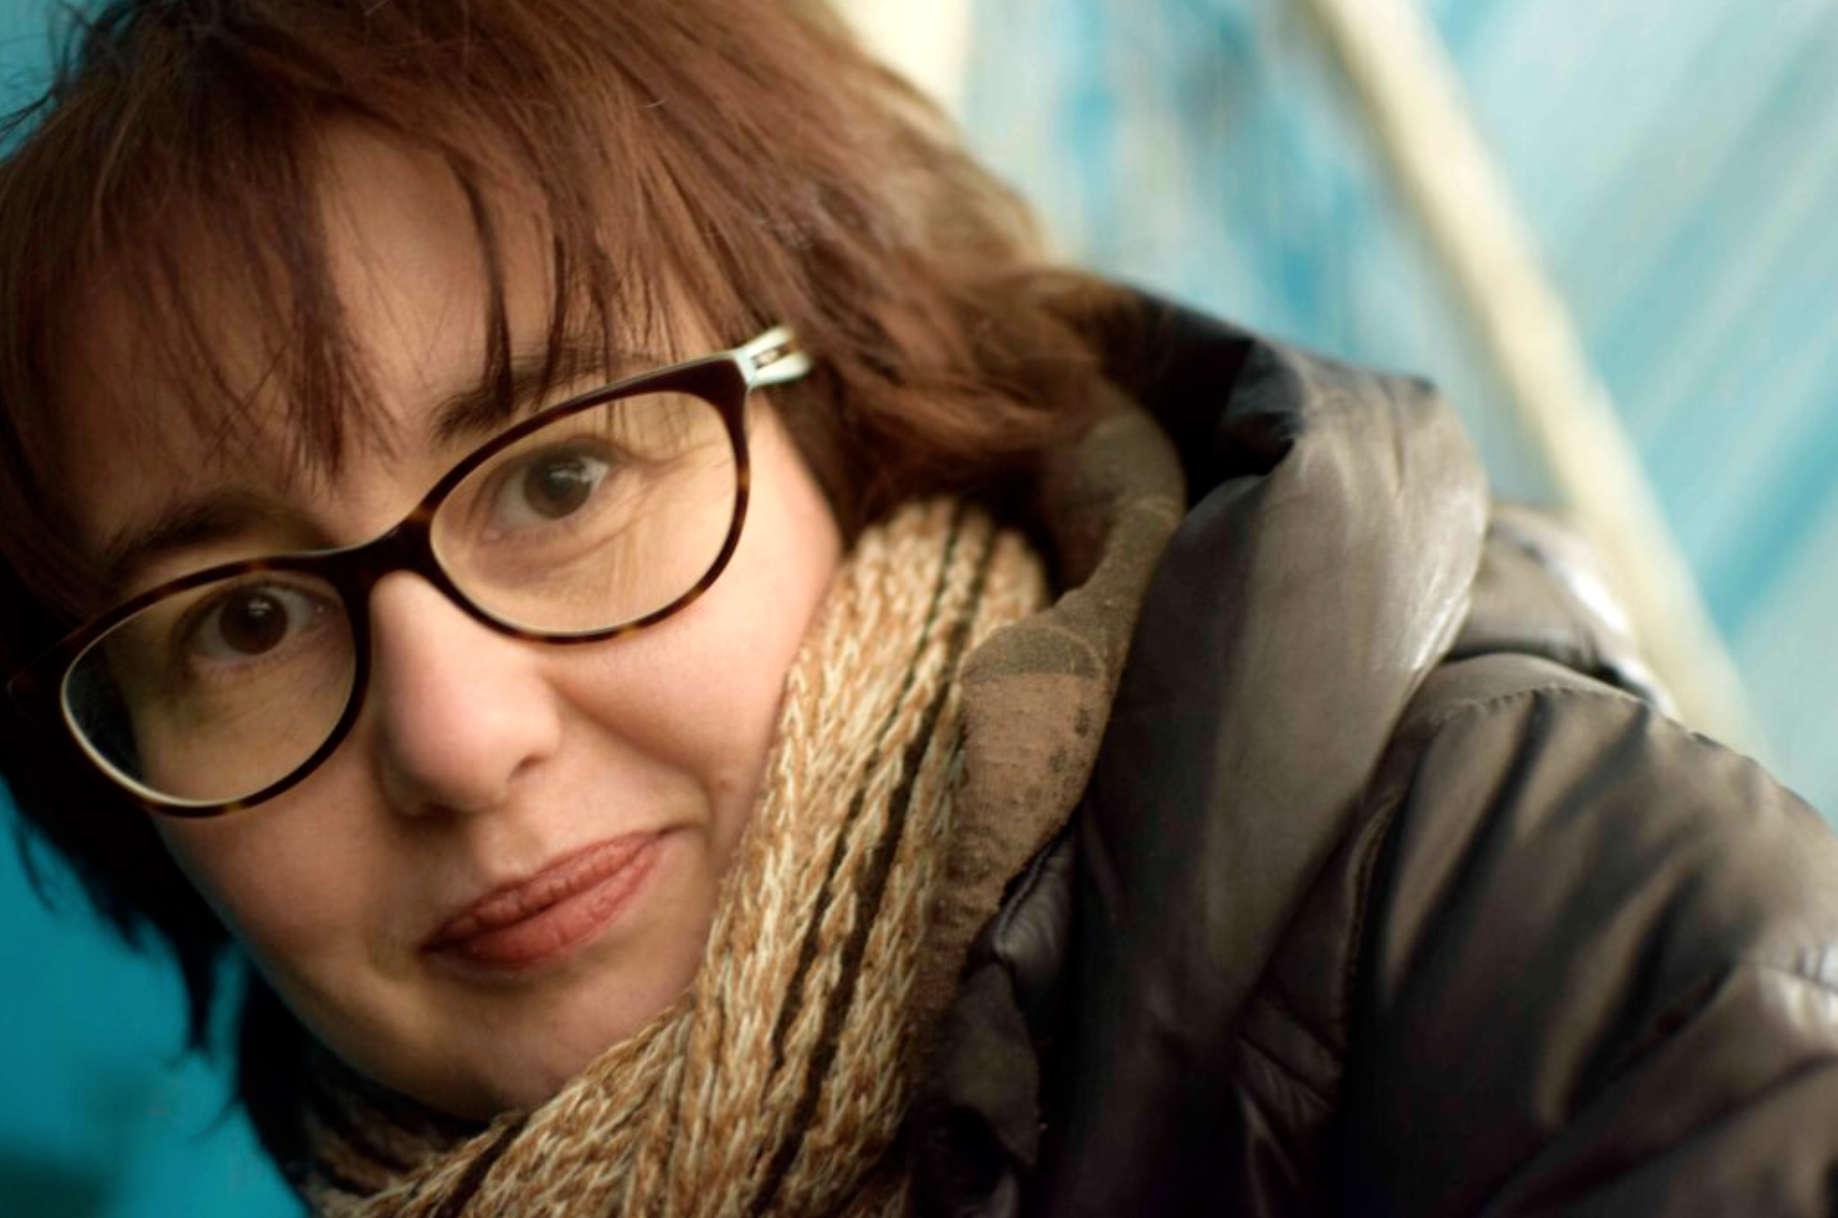 Olivera Cavric